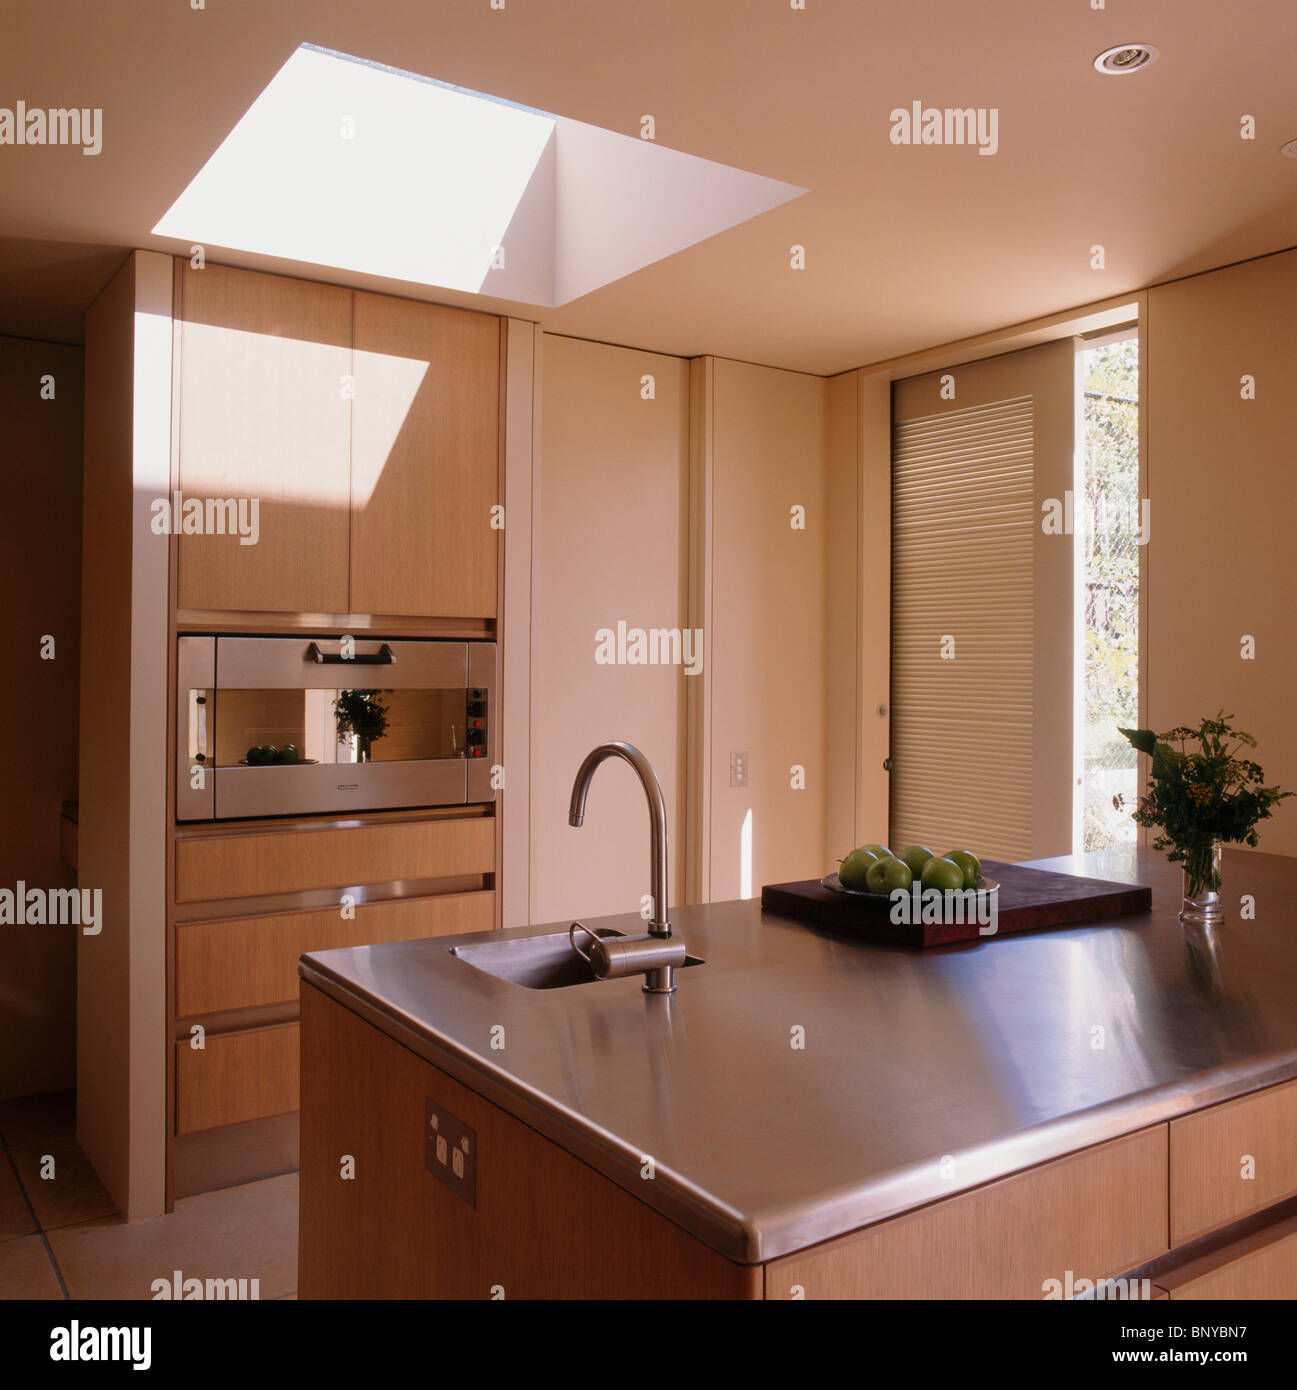 Verzauberkunst Kleine Moderne Küche Referenz Von Unter Satz Waschbecken In Edelstahl-arbeitsplatte Auf Insel